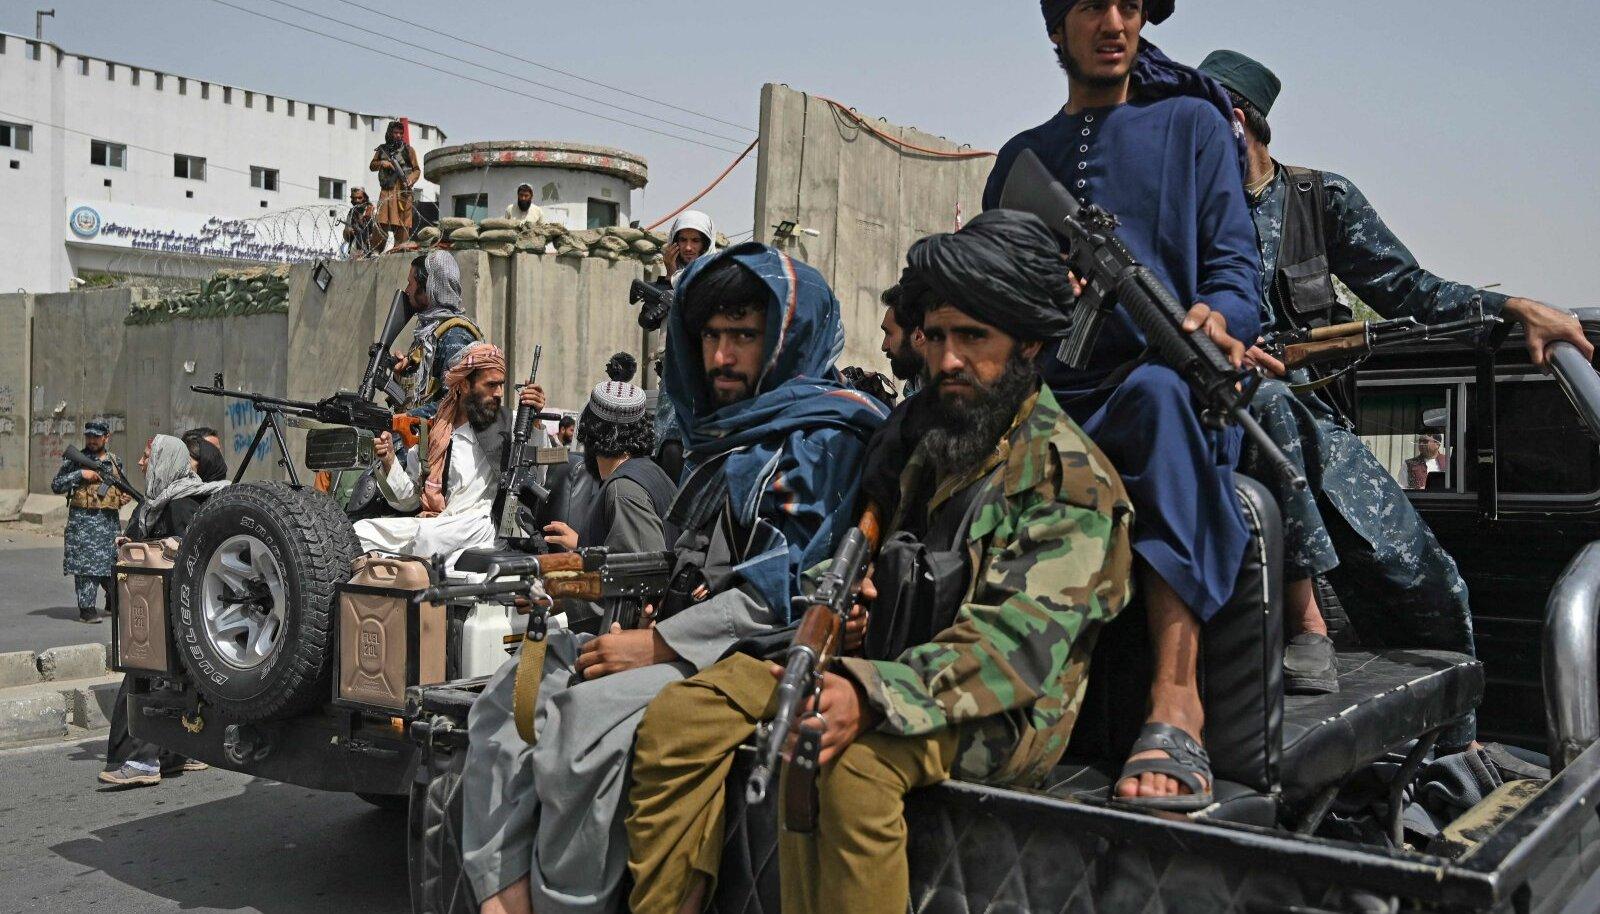 Relvastatud Talibani võitlejate kohalolu heidutab naisi kodust väljumast.